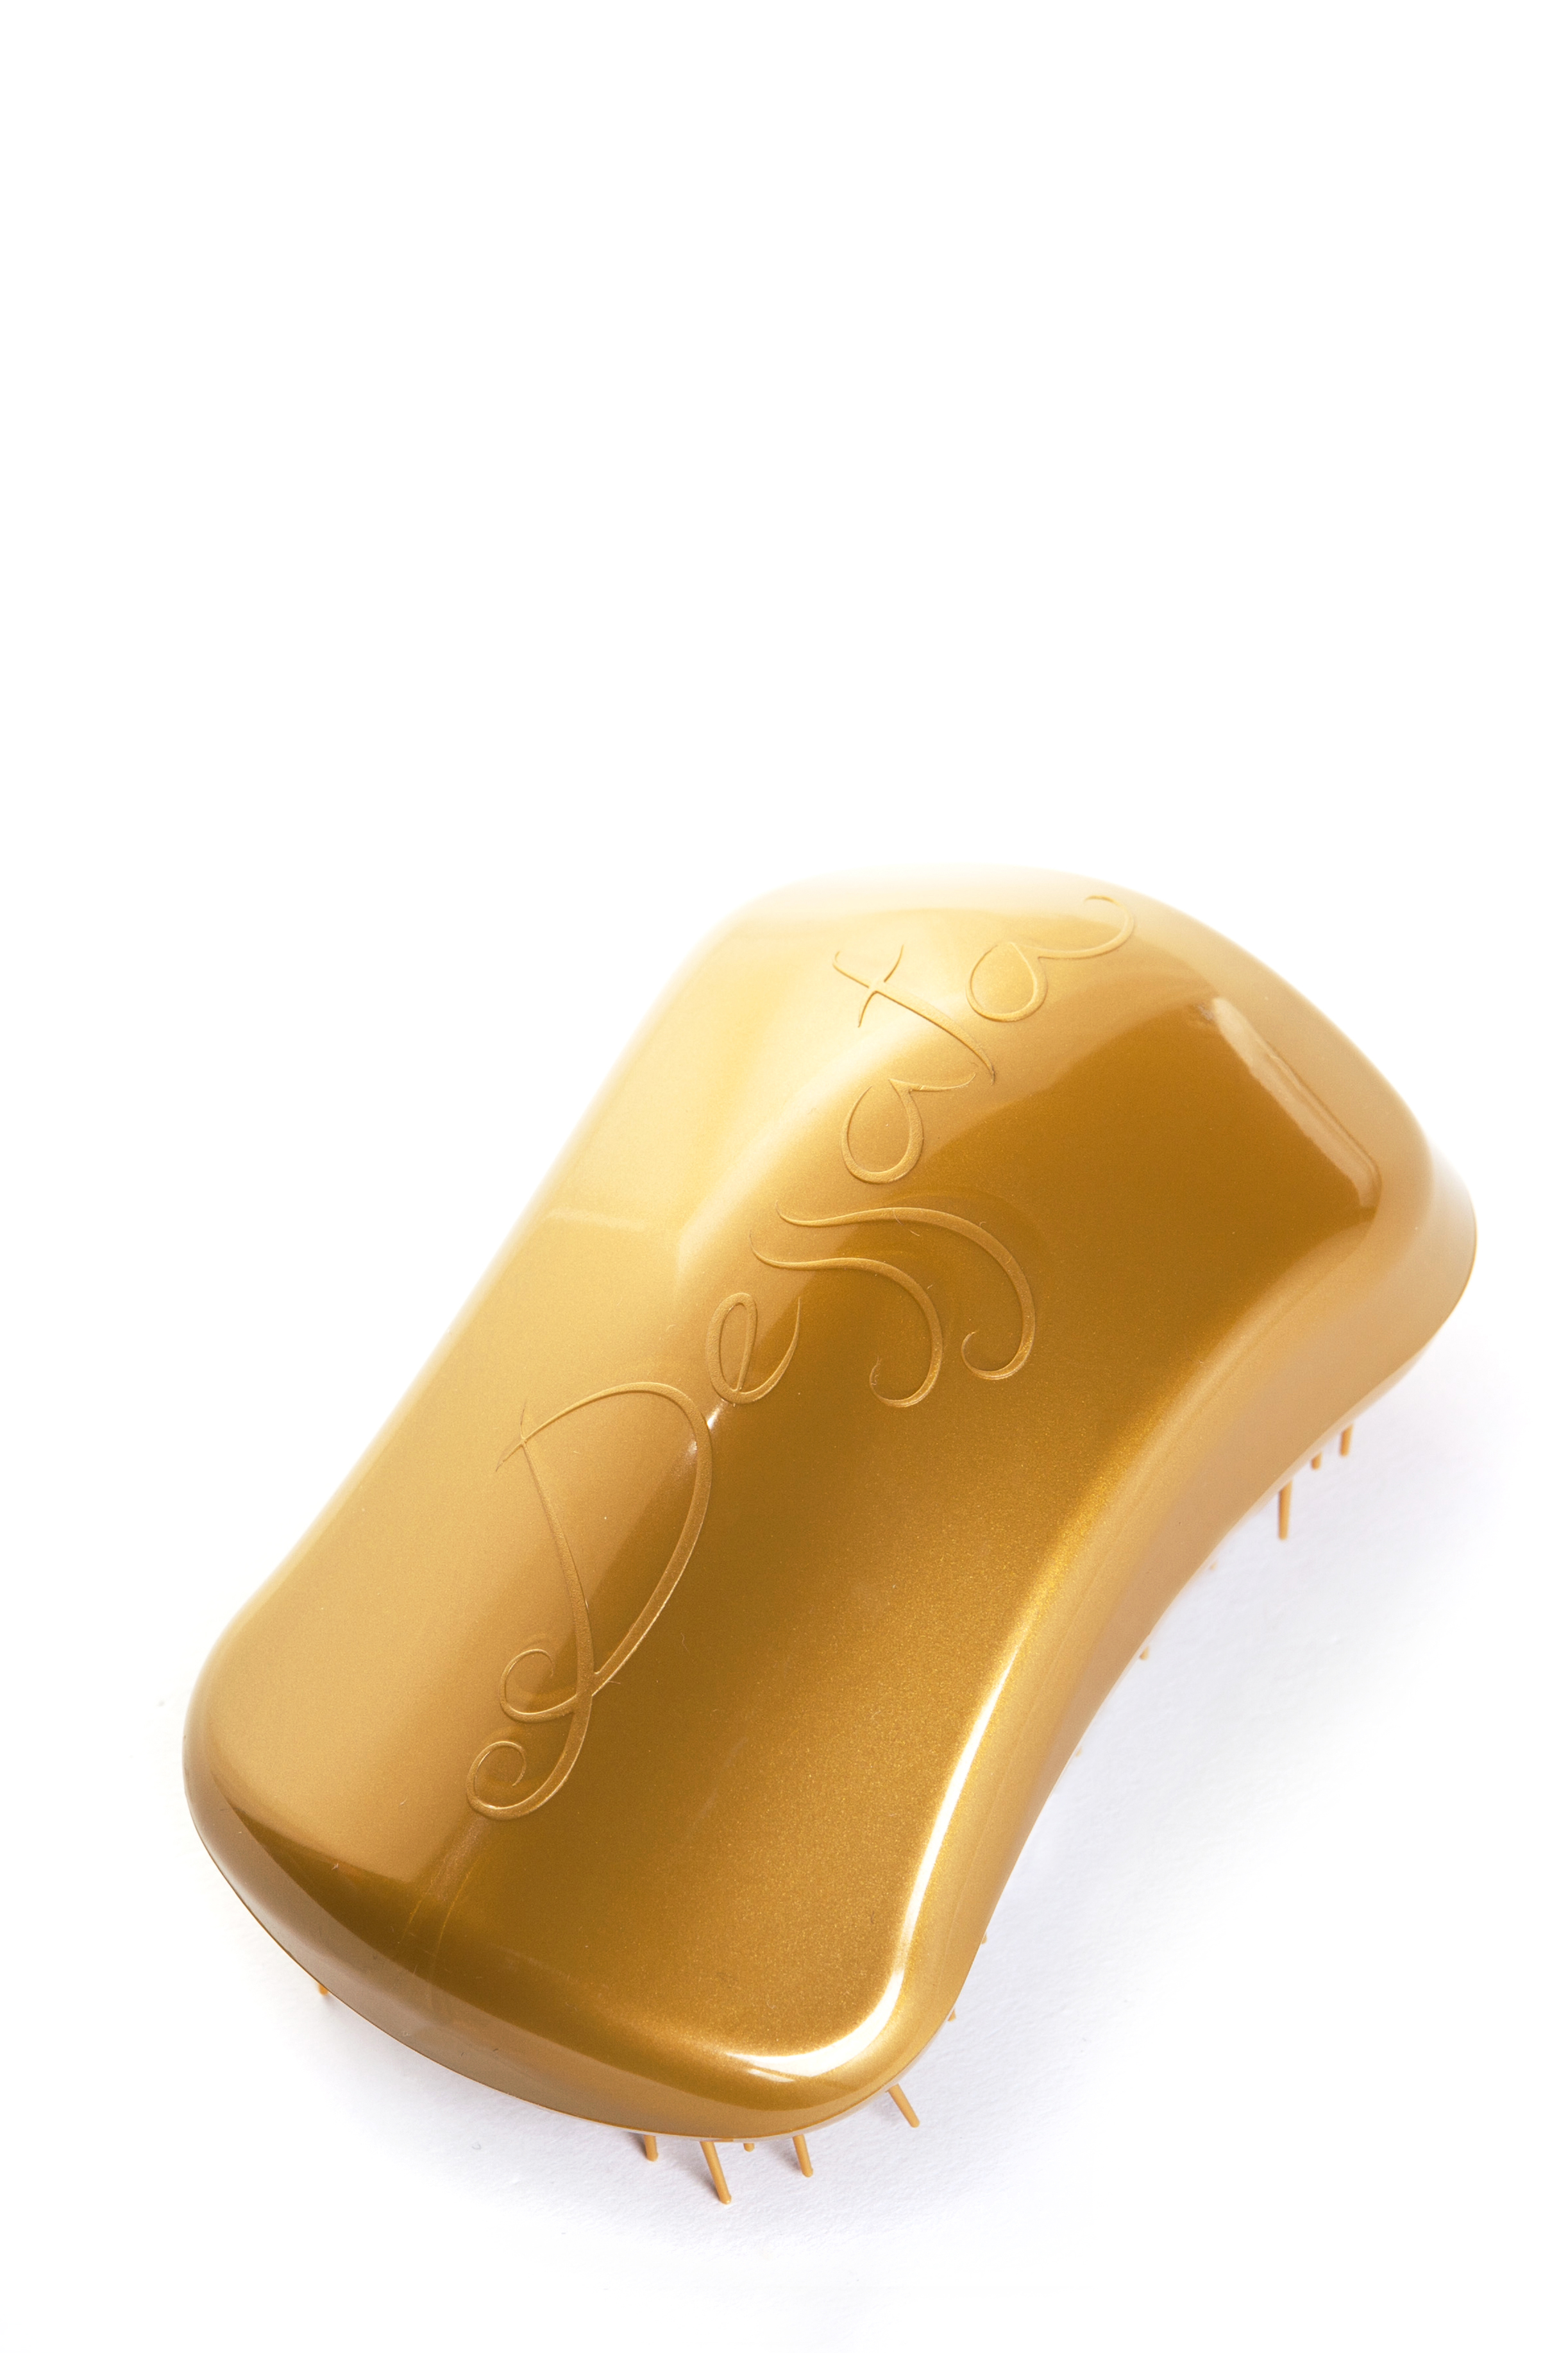 DESSATA Расческа для волос Dessata Hair Brush Original Gold-Gold; Золото-ЗолотоРасчески<br>Расческа Dessata Original быстро и легко расчесывает волосы, не требует использования дополнительных средств. Специальная конструкция расчески исключает спутывание и повреждение волос. Dessata подходит для всех типов волос. 440 зубчиков разной длины бережно расчесывают даже самые спутанные волосы не травимруя их. Благодаря эргономичному дизайну расческа удобно лежит в руке, повторяя форму голов Материал: гипоаллергенный пластик.<br><br>Типы волос: Для всех типов